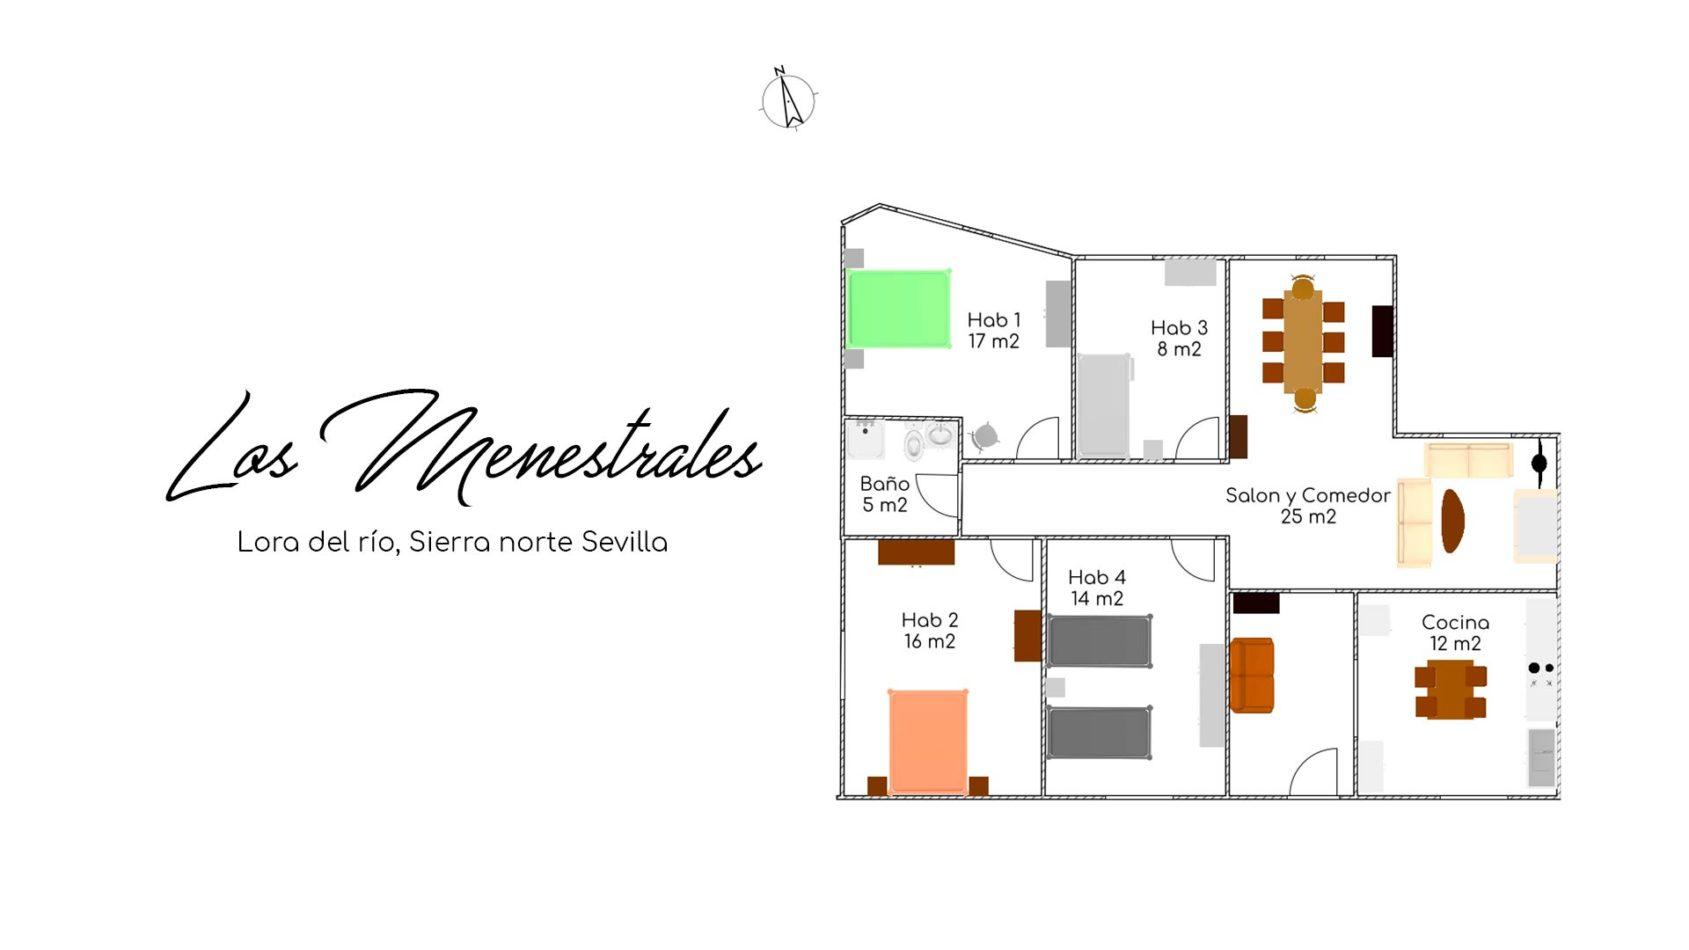 Plano Casa Rural Los Menestrales - Lora del Río width=